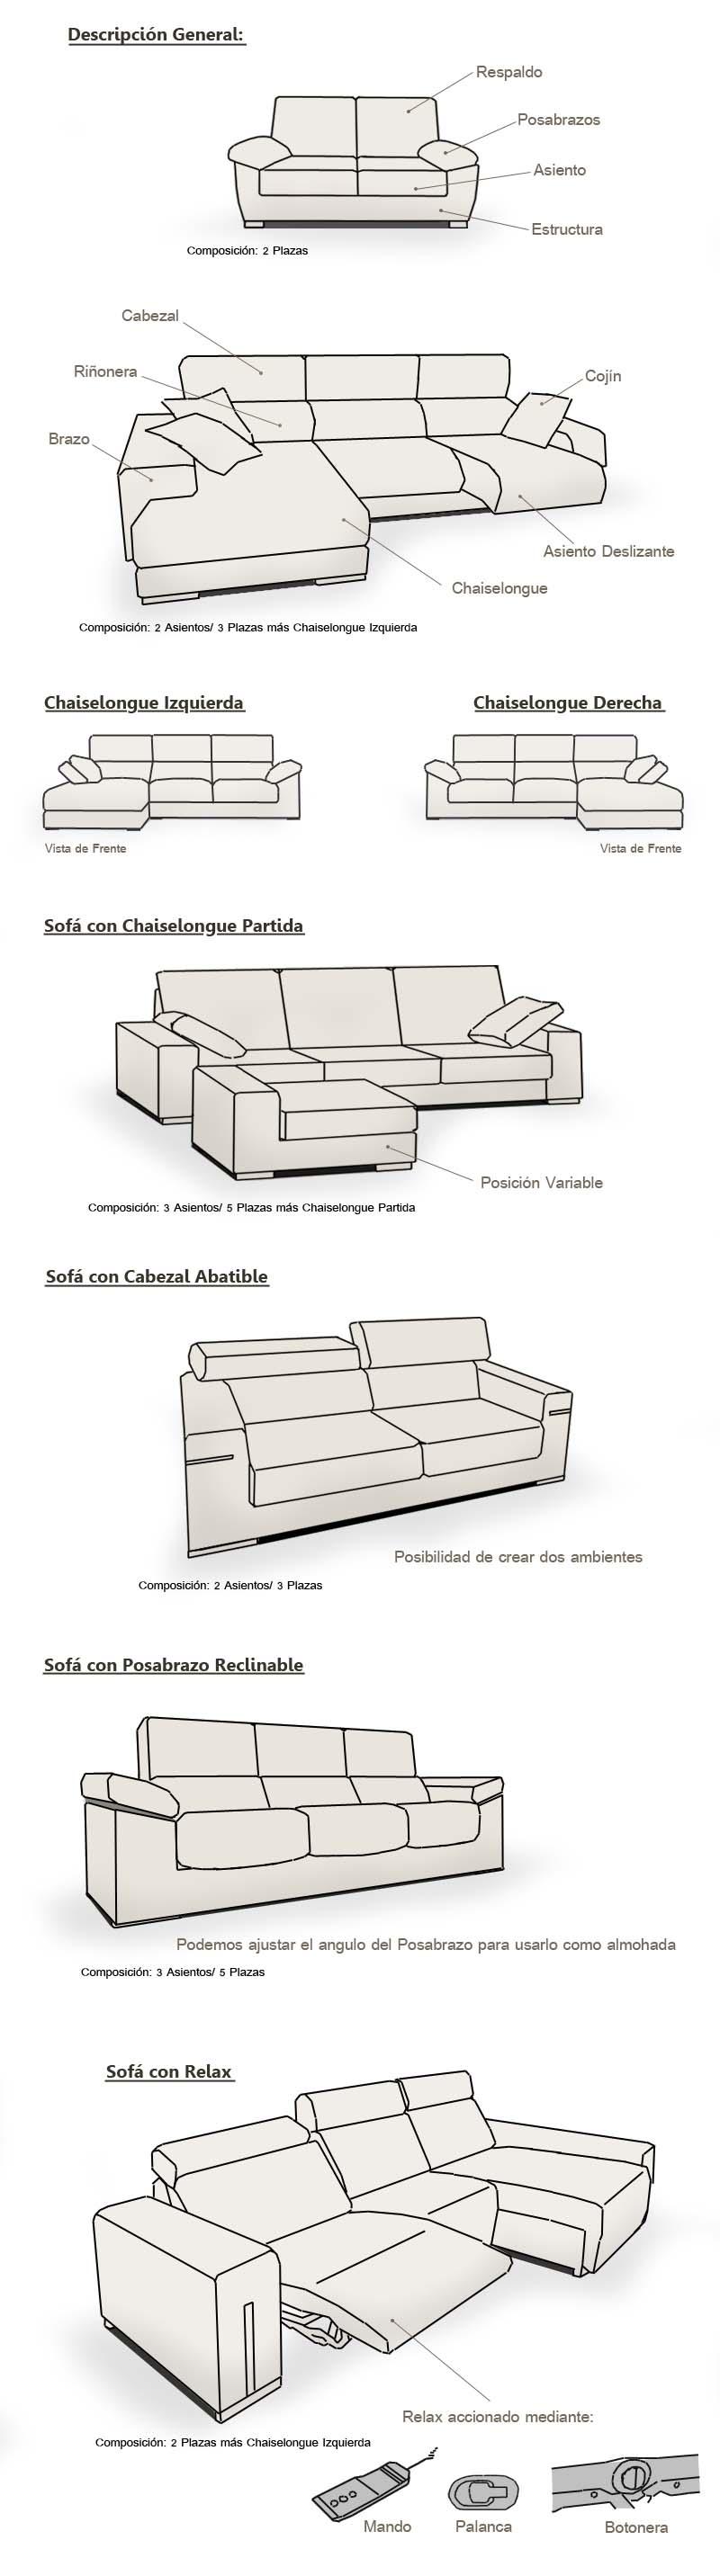 Partes de un sof for Nombre del sillon de los psicologos